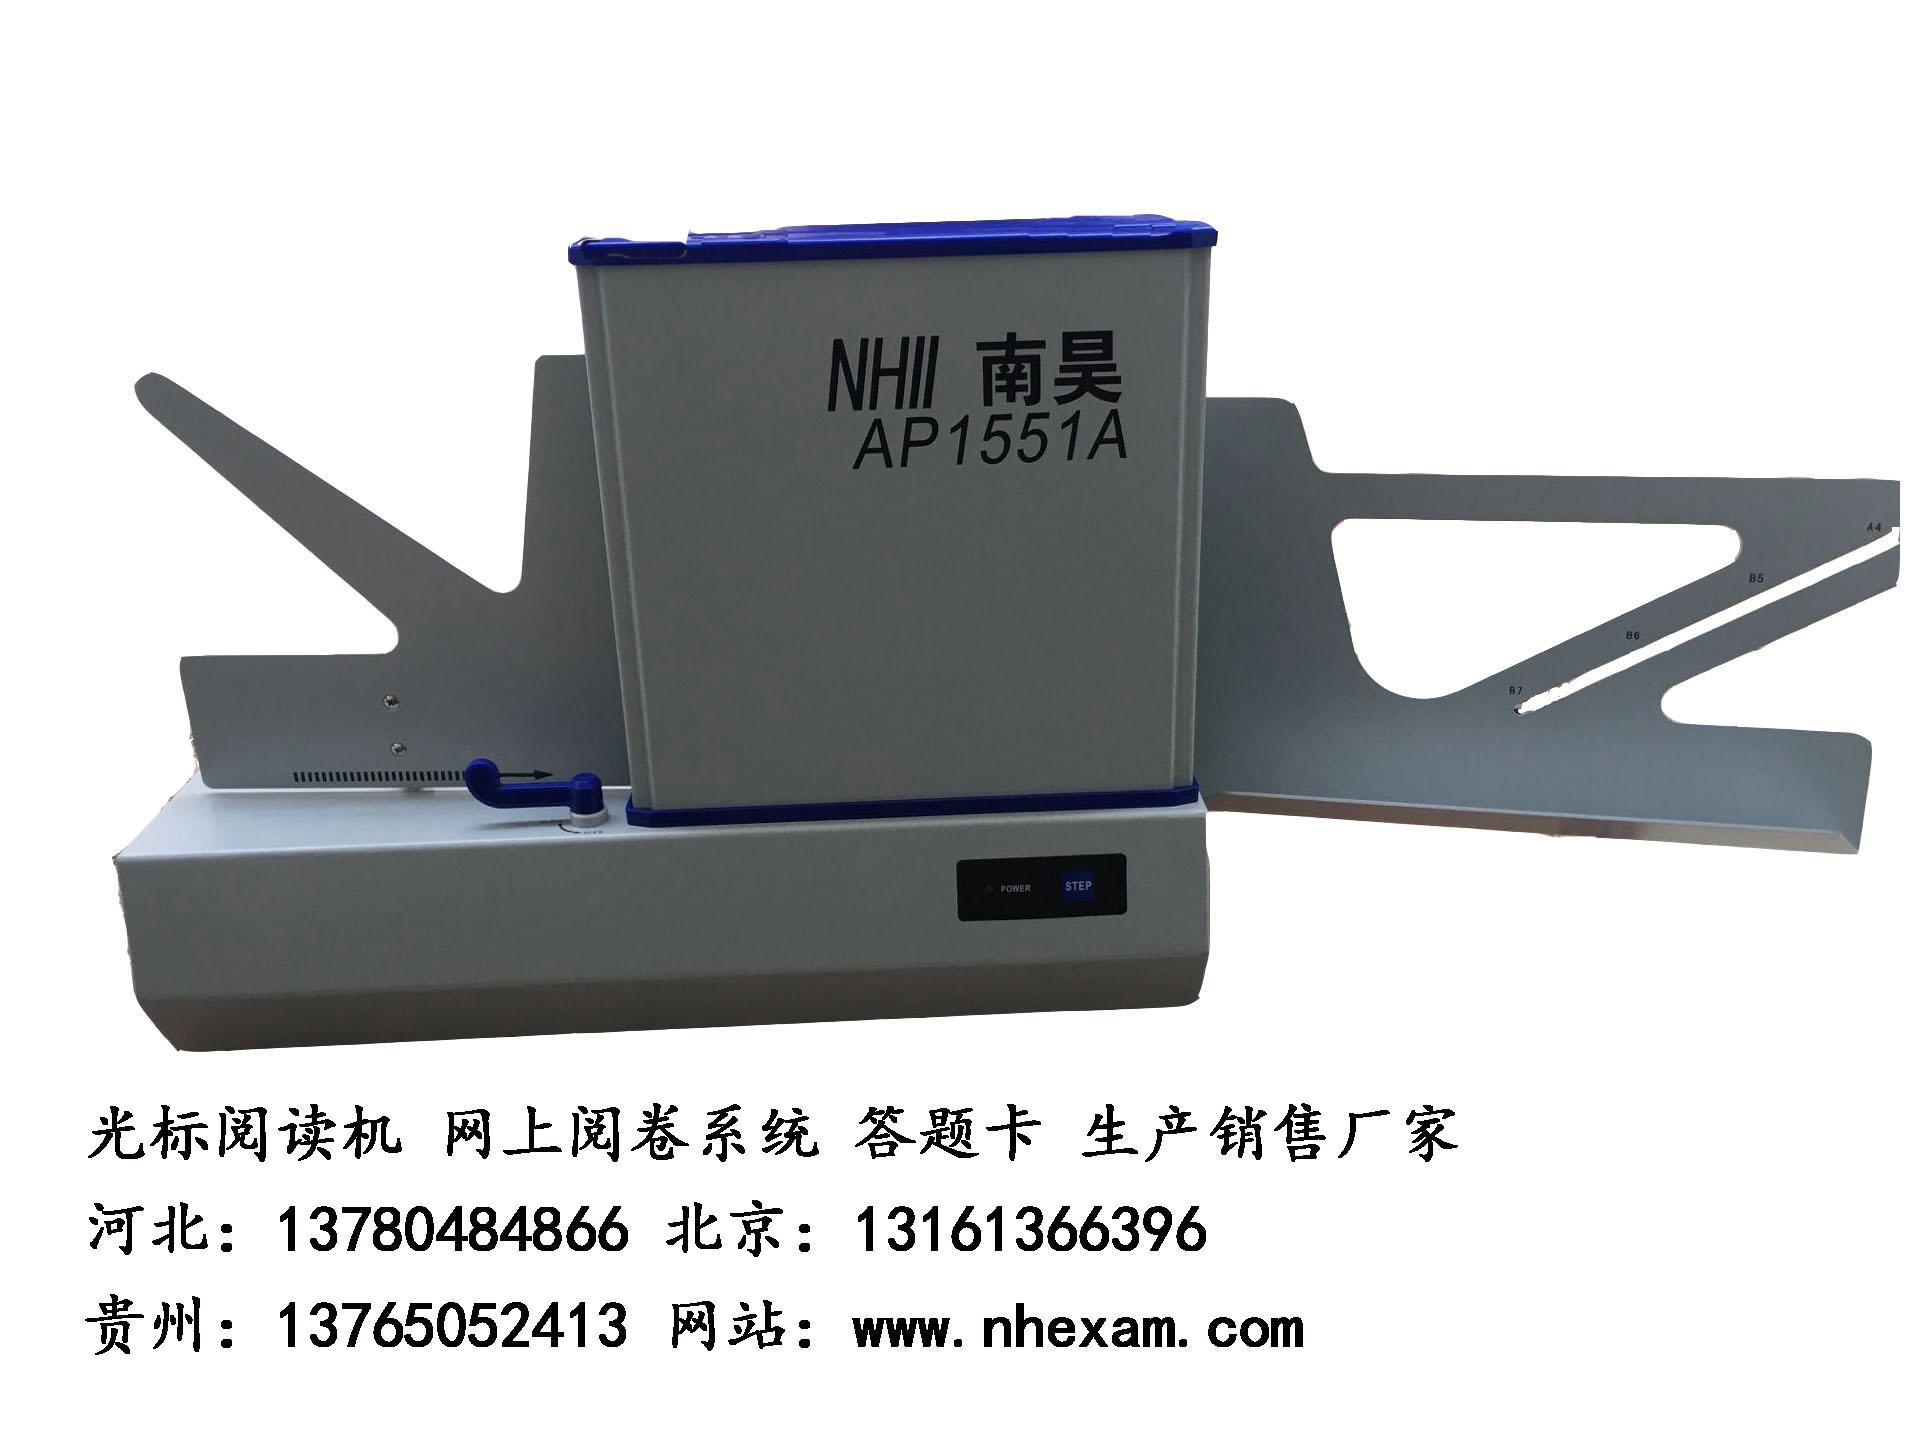 光标阅读机AP1551 终身维护光标阅读机厂家|产品动态-河北省南昊高新技术开发有限公司